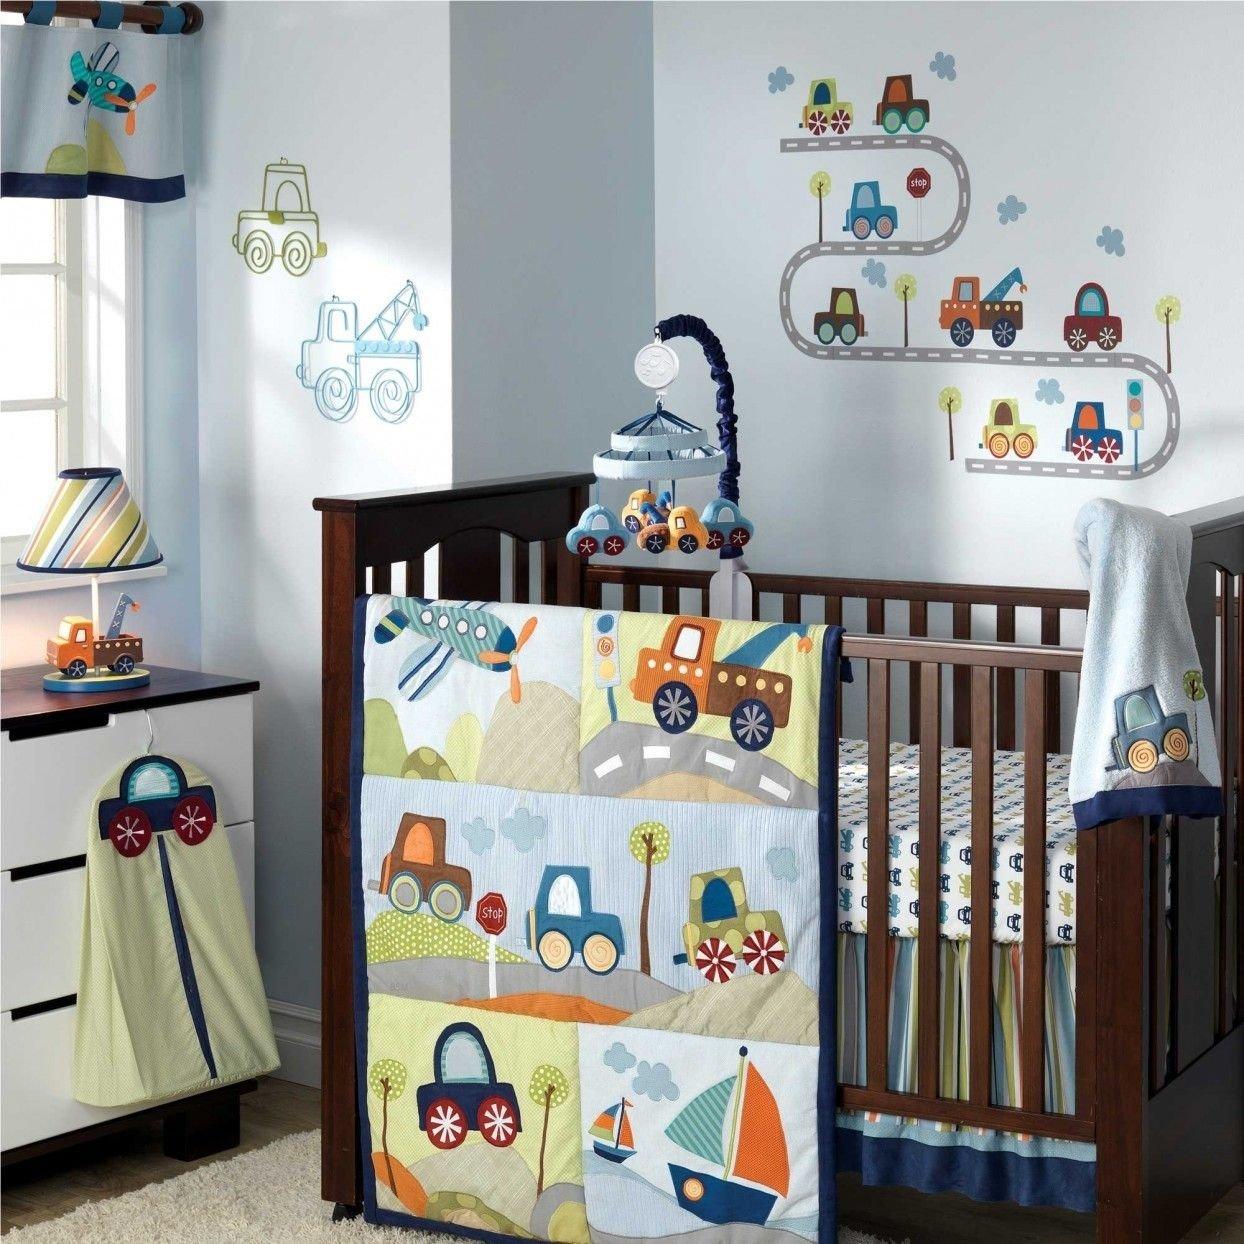 10 Elegant Baby Boy Ideas For Nursery baby boys car themed nursery bedroom ideas in light blue color with 2021